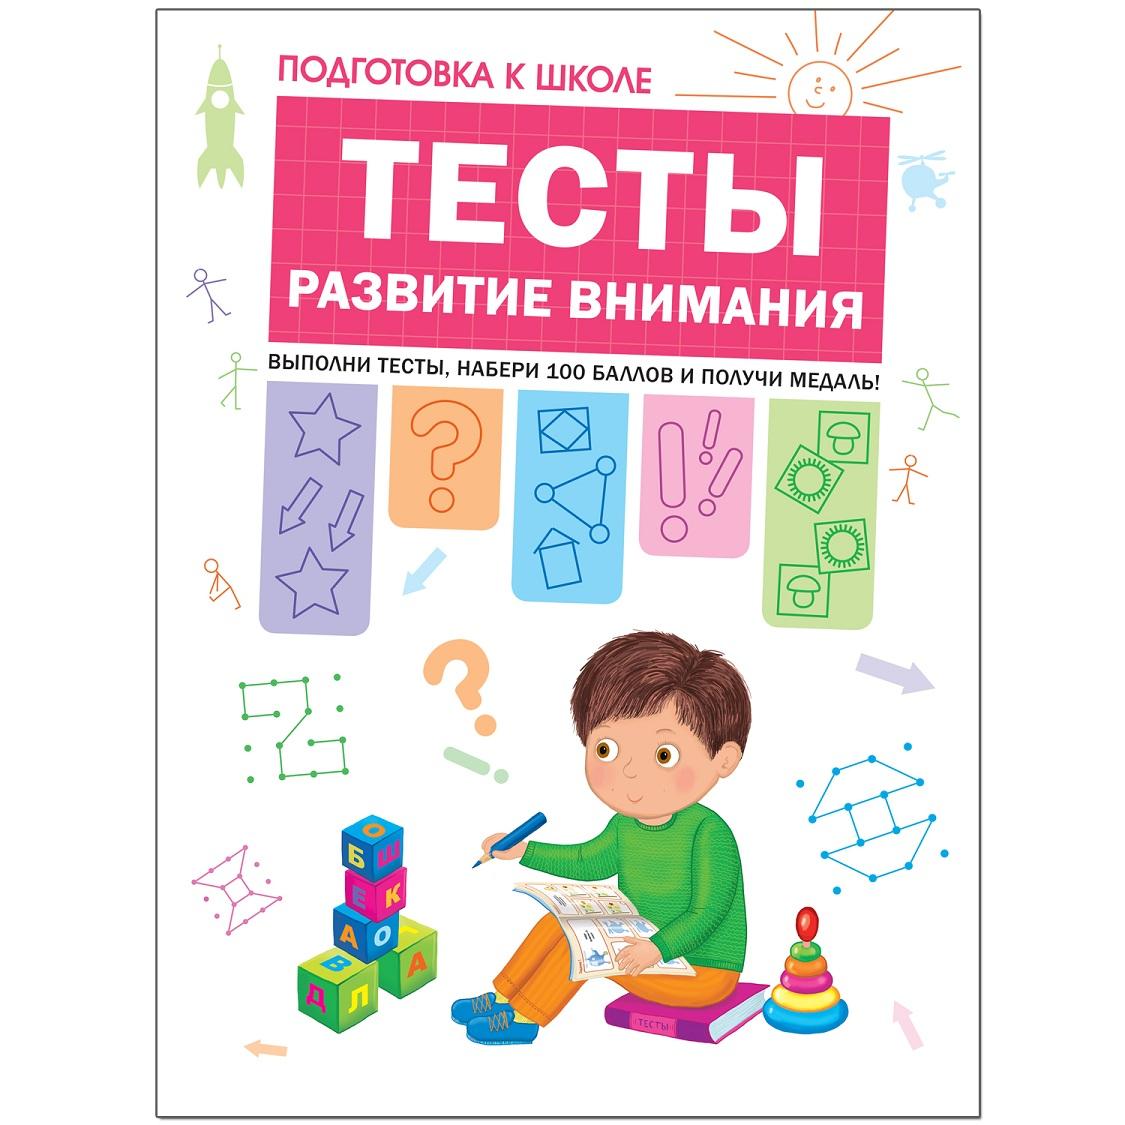 Рабочая тетрадь - Подготовка к школе. Тесты. Развитие внимания